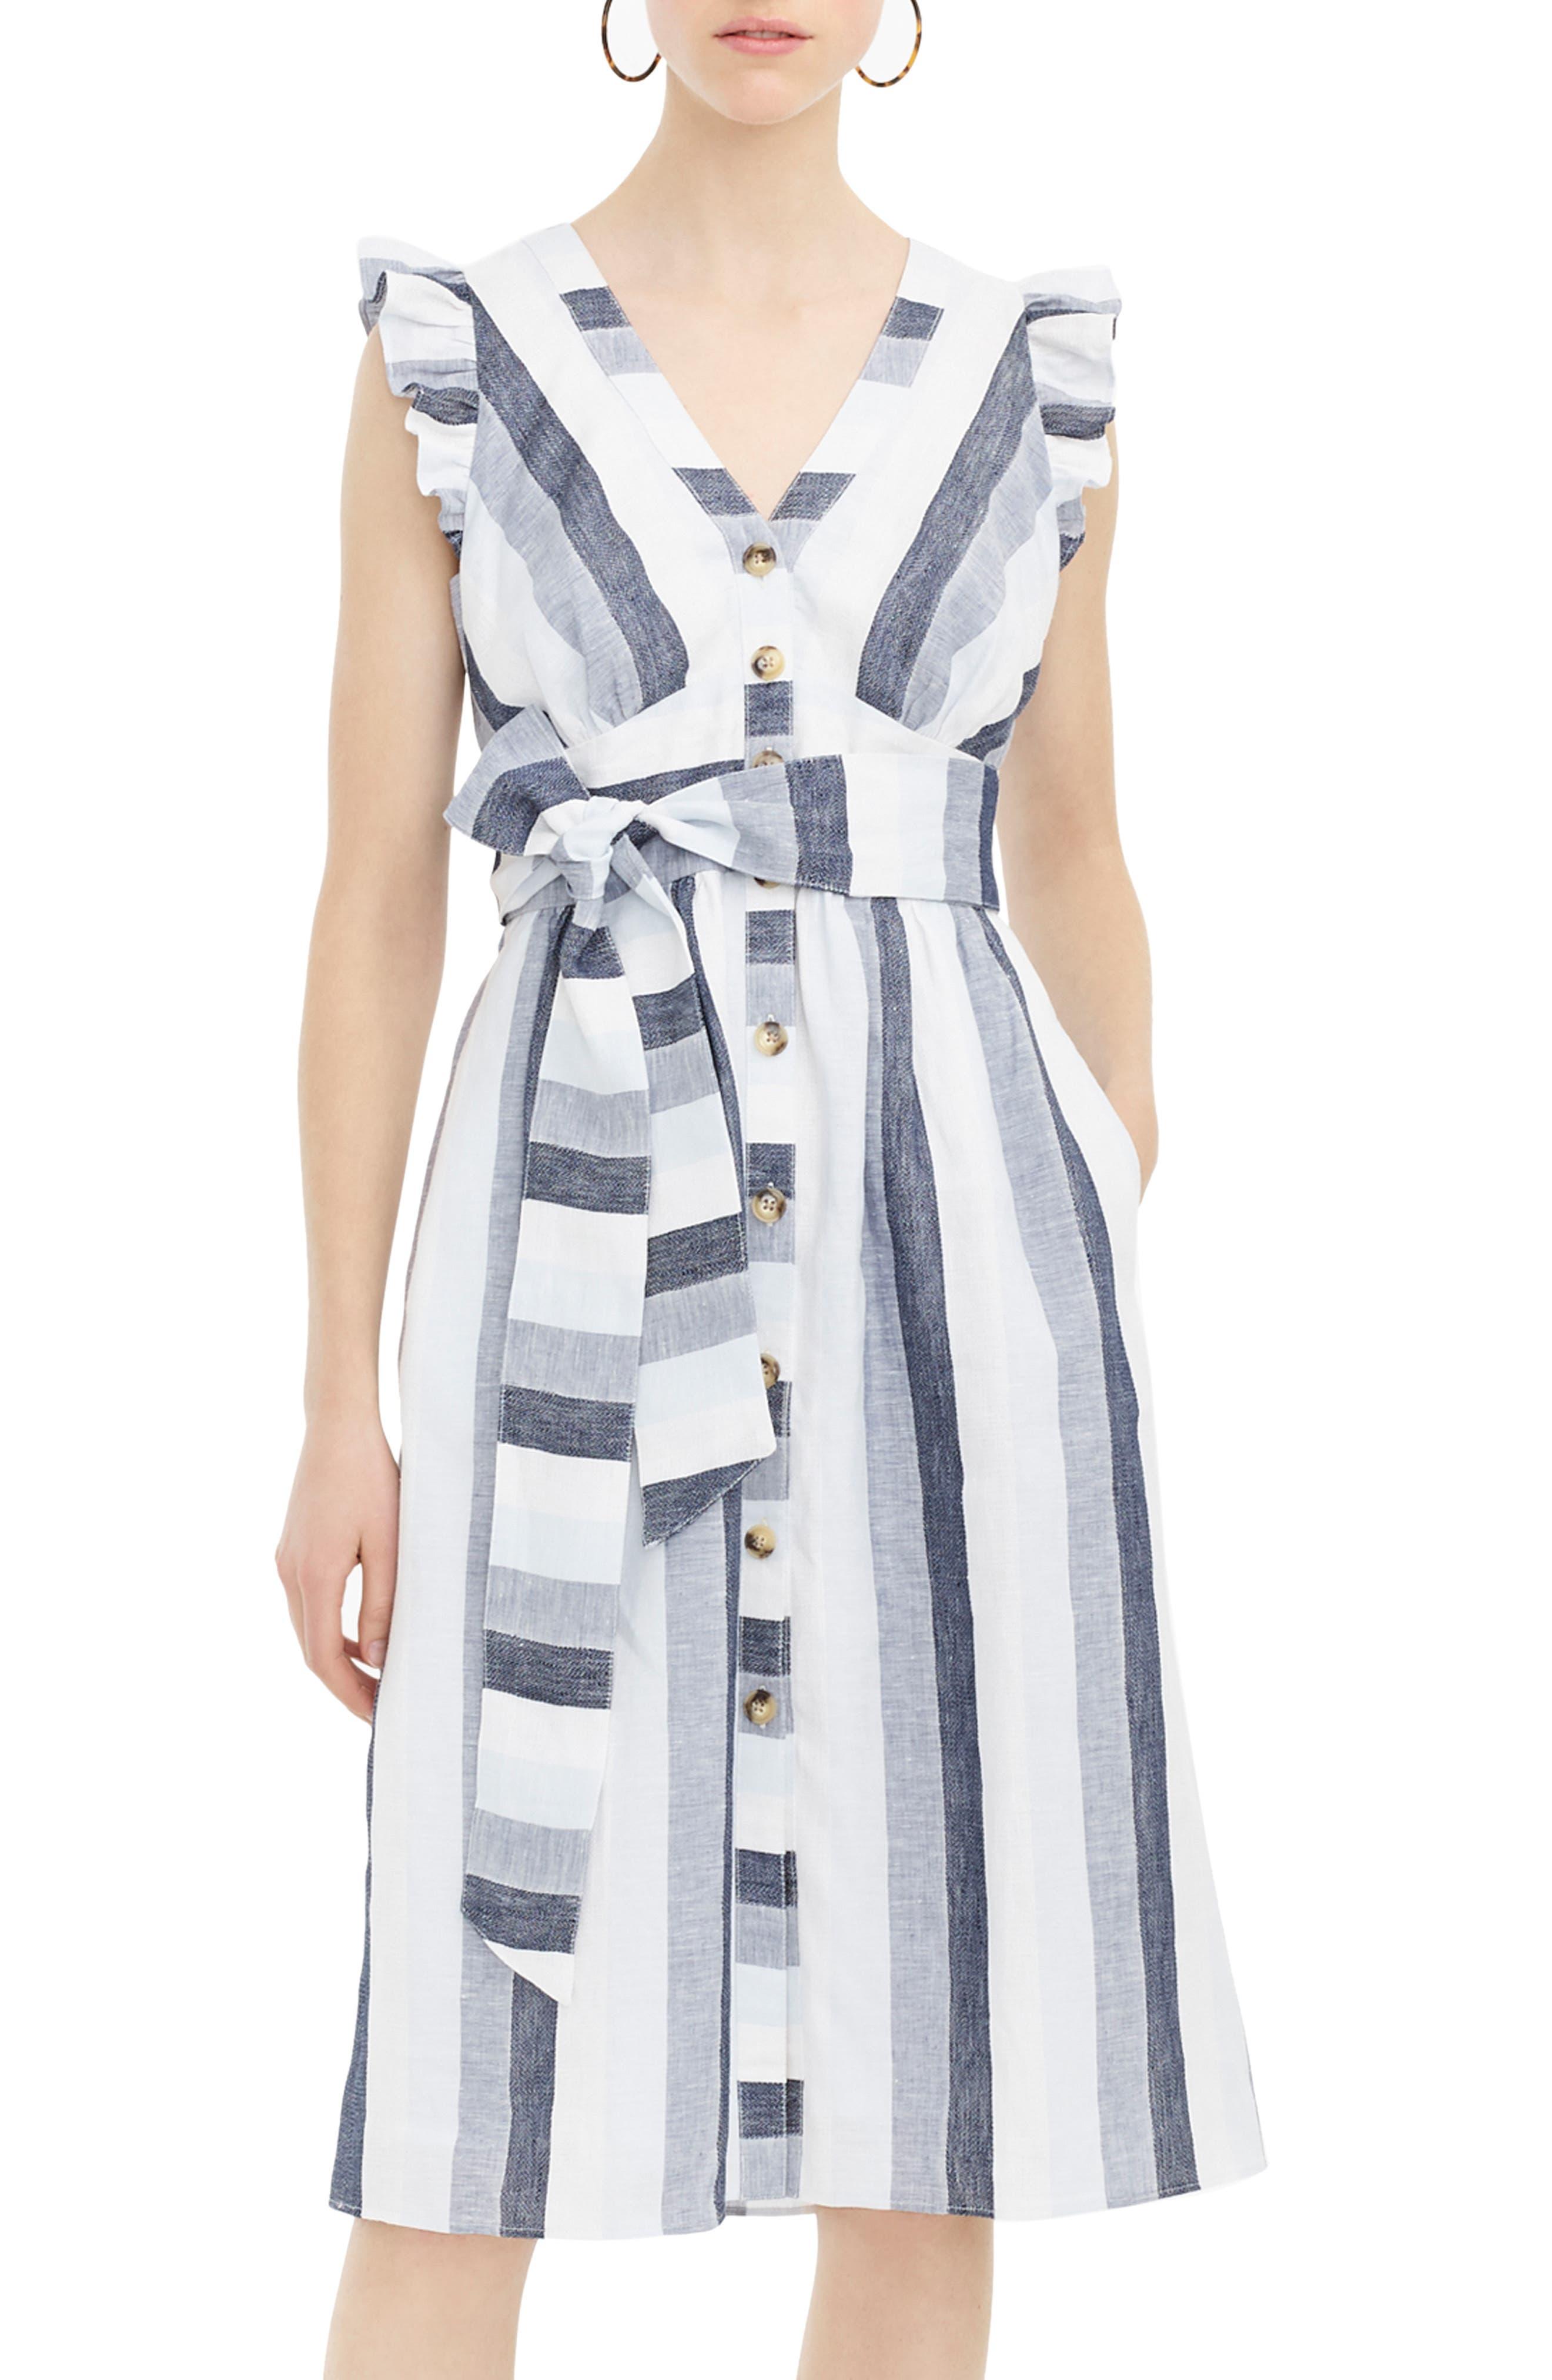 J.crew Indigo Stripe Button Front Linen Midi Dress, Beige